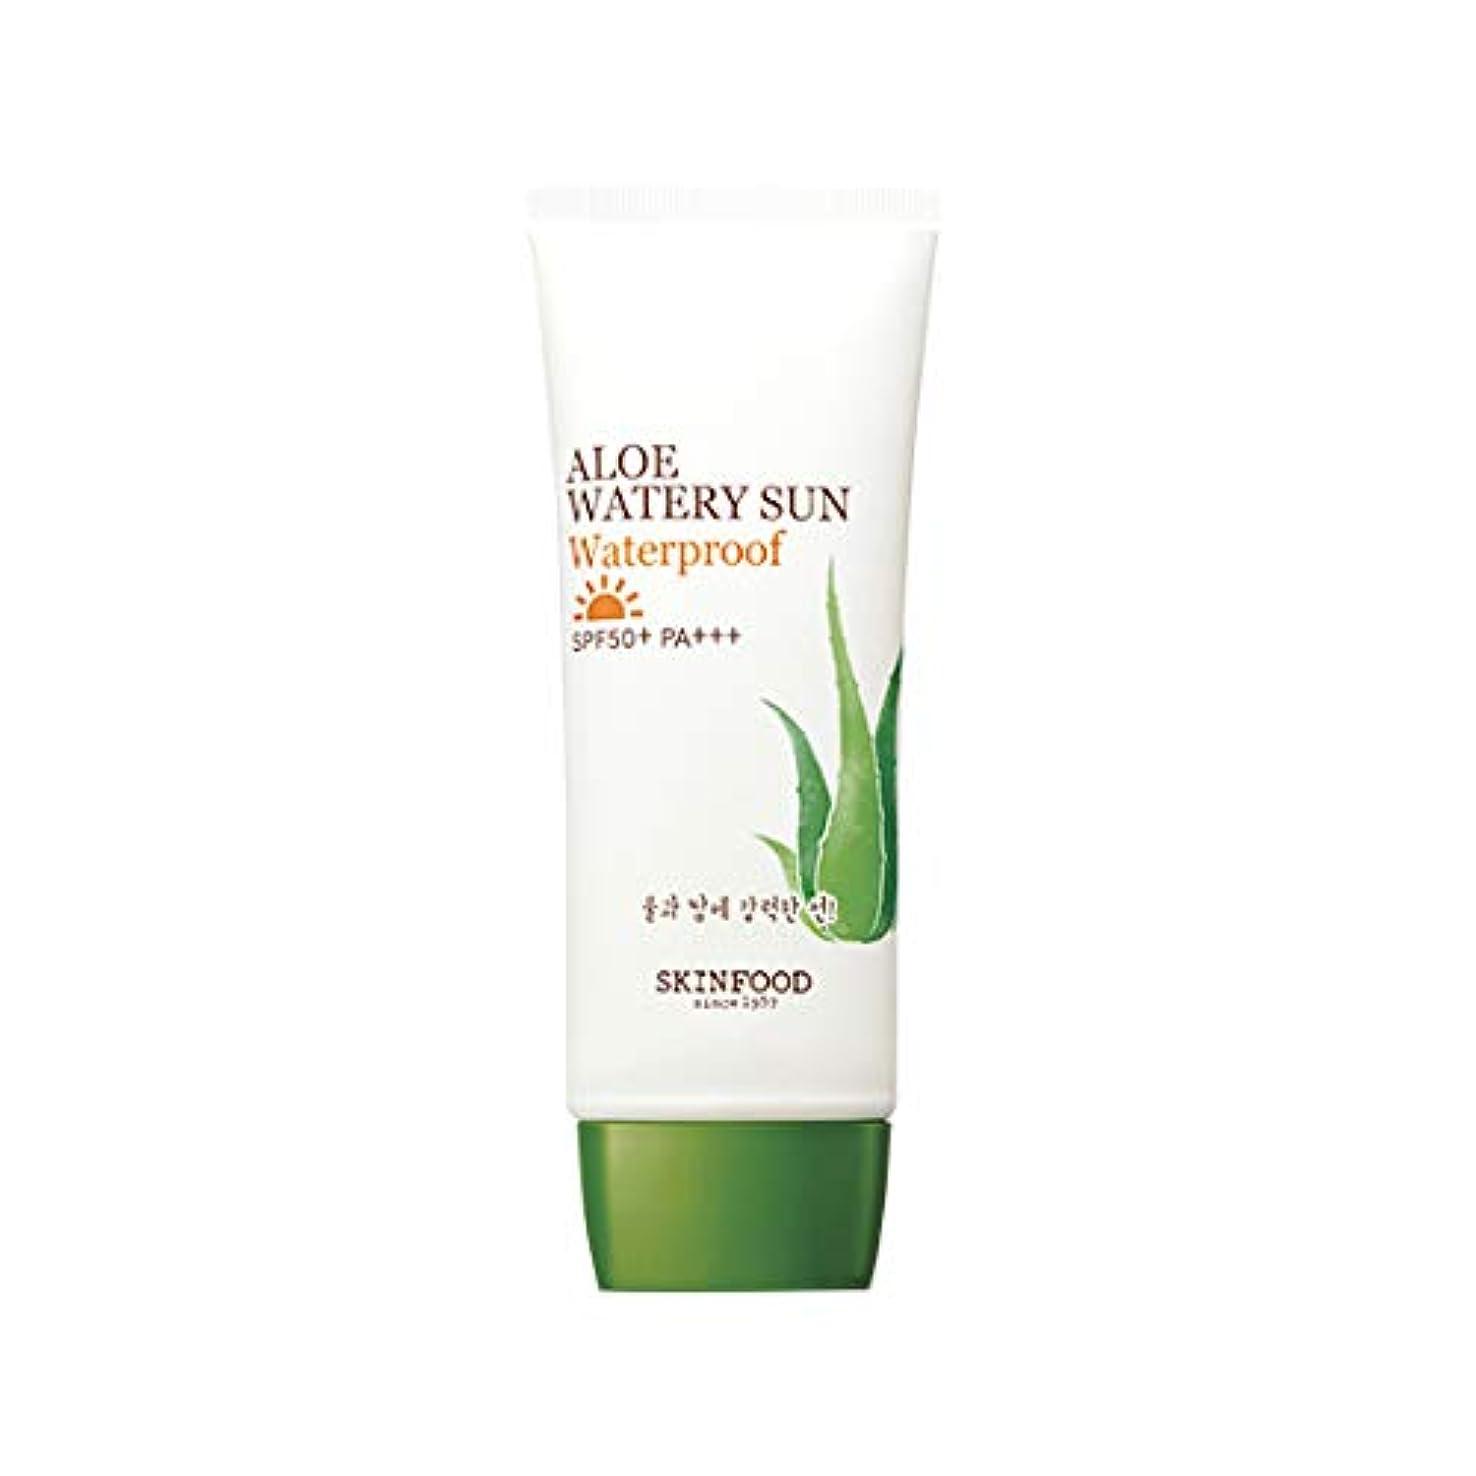 デモンストレーション居住者場合Skinfood アロエウォーターサンプルーフSPF50 + PA +++ / Aloe Watery Sun Waterproof SPF50+ PA+++ 50ml [並行輸入品]